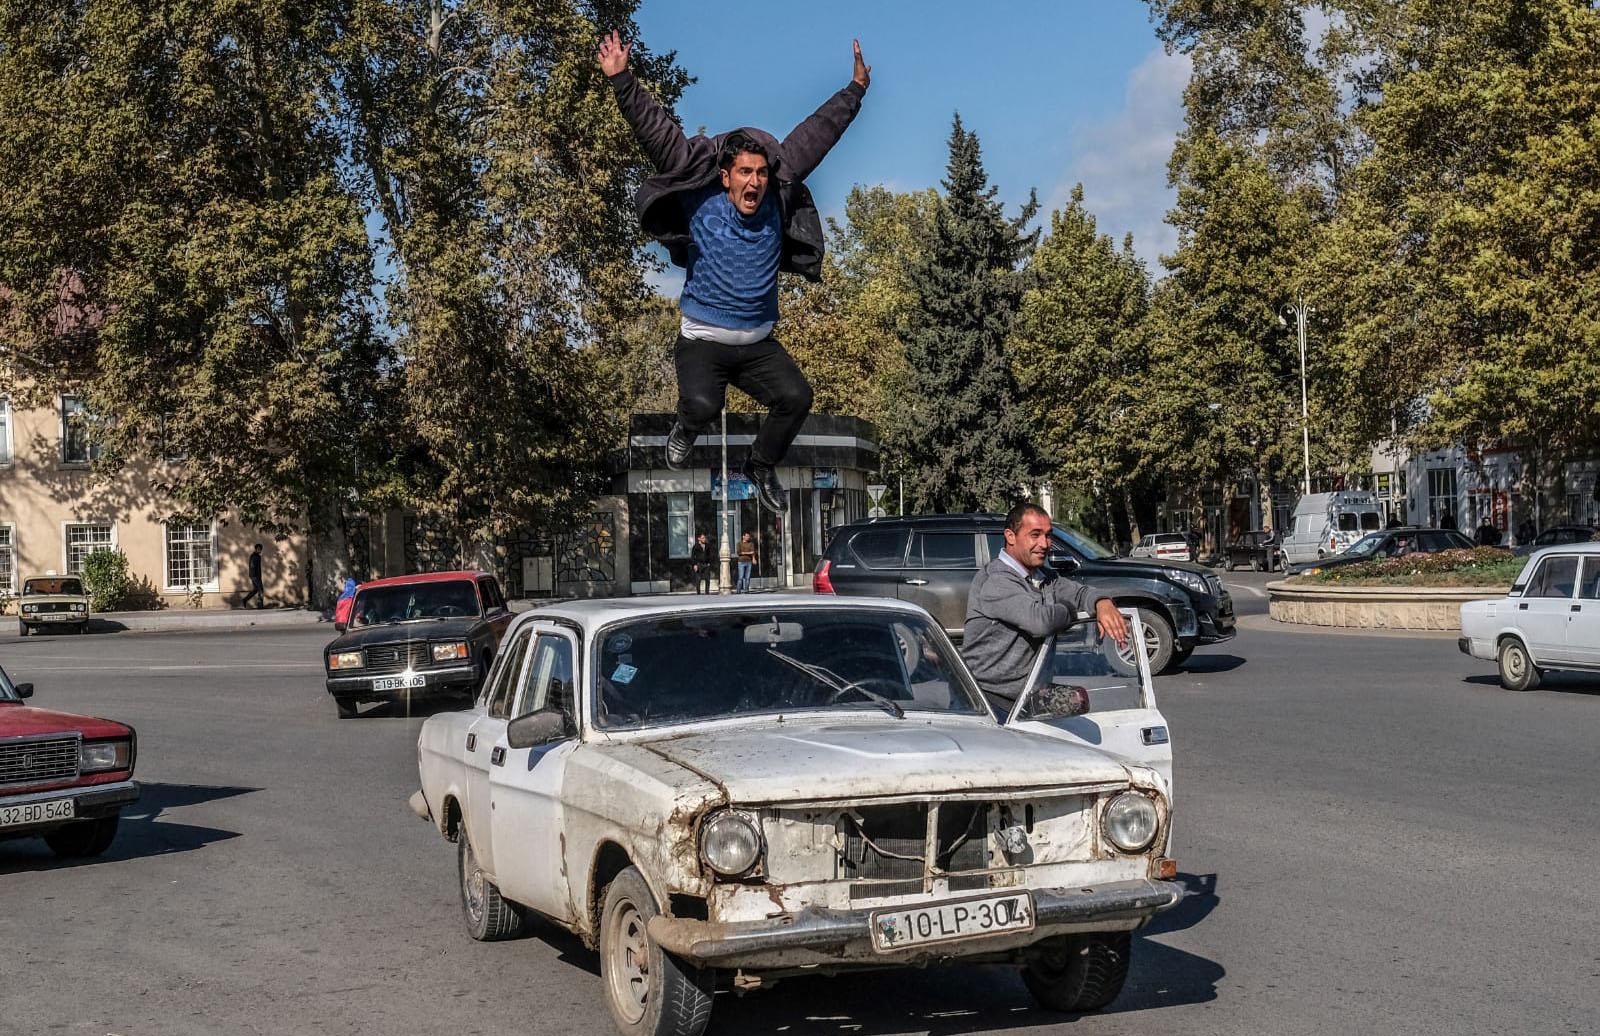 Şuşa sevinci fotografına YTB özel ödülü